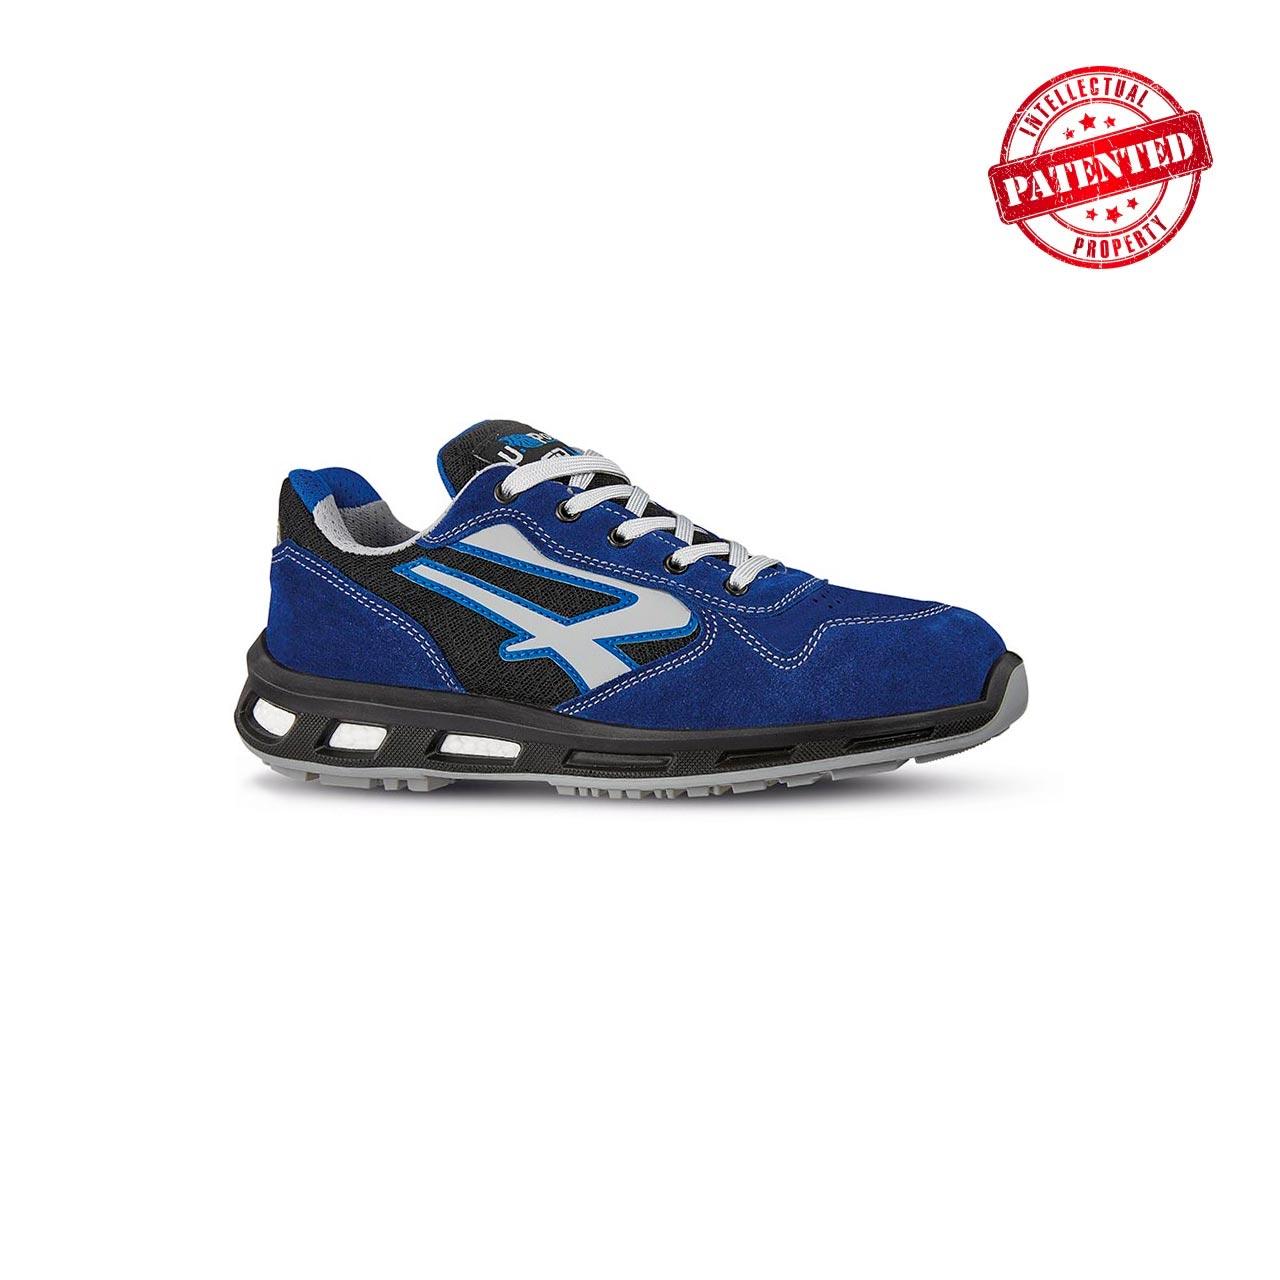 scarpa antinfortunistica upower modello dea linea redlion vista laterale